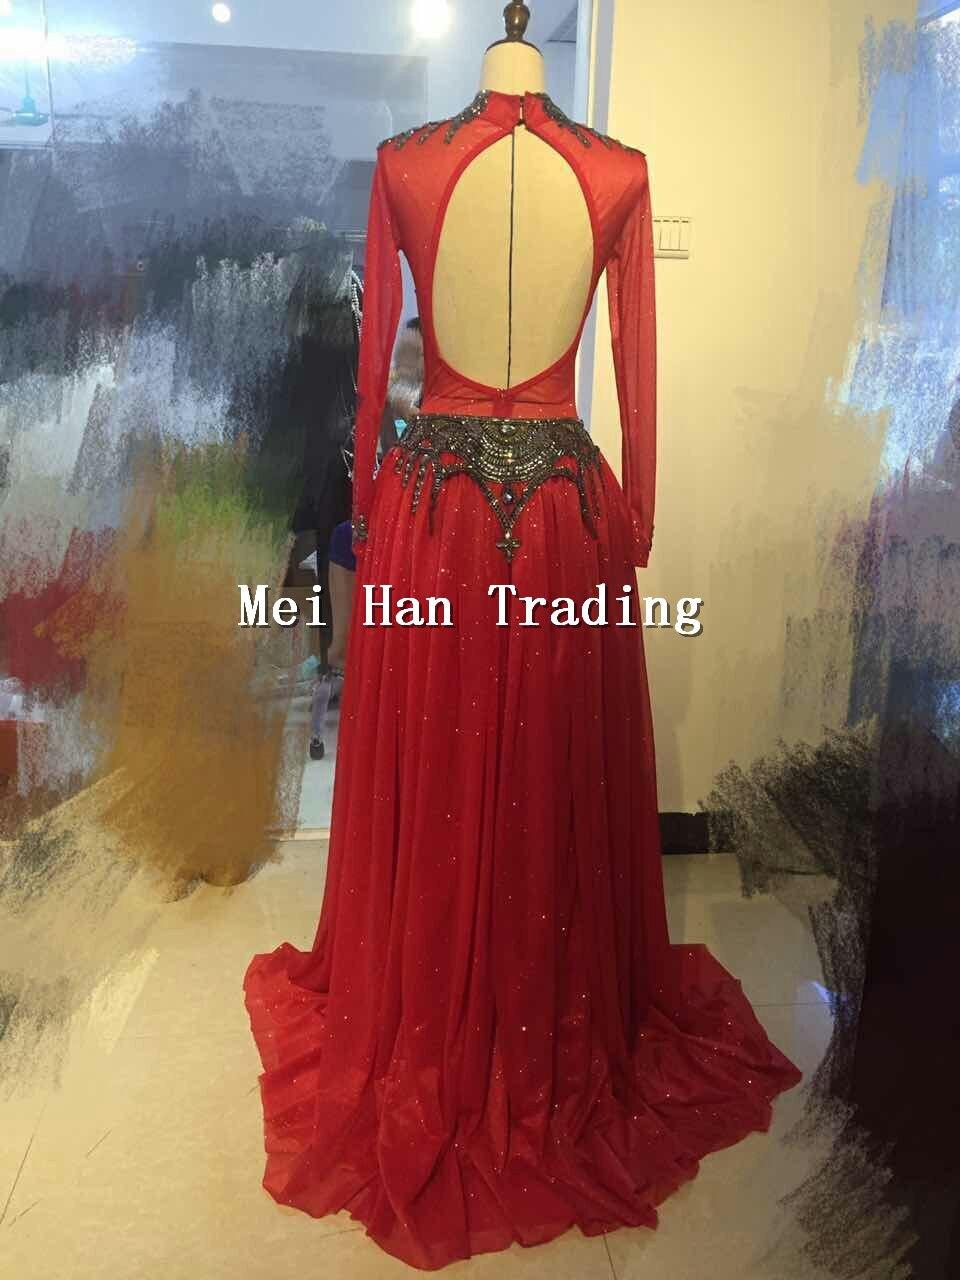 الأحمر هالوين الزي ارتداءها طويلة تنورة الملابس مجموعة الإناث المغني حزب تظهر مشرقة ارتداء المرحلة حجر الراين زي-في أفرول من ملابس نسائية على  مجموعة 2